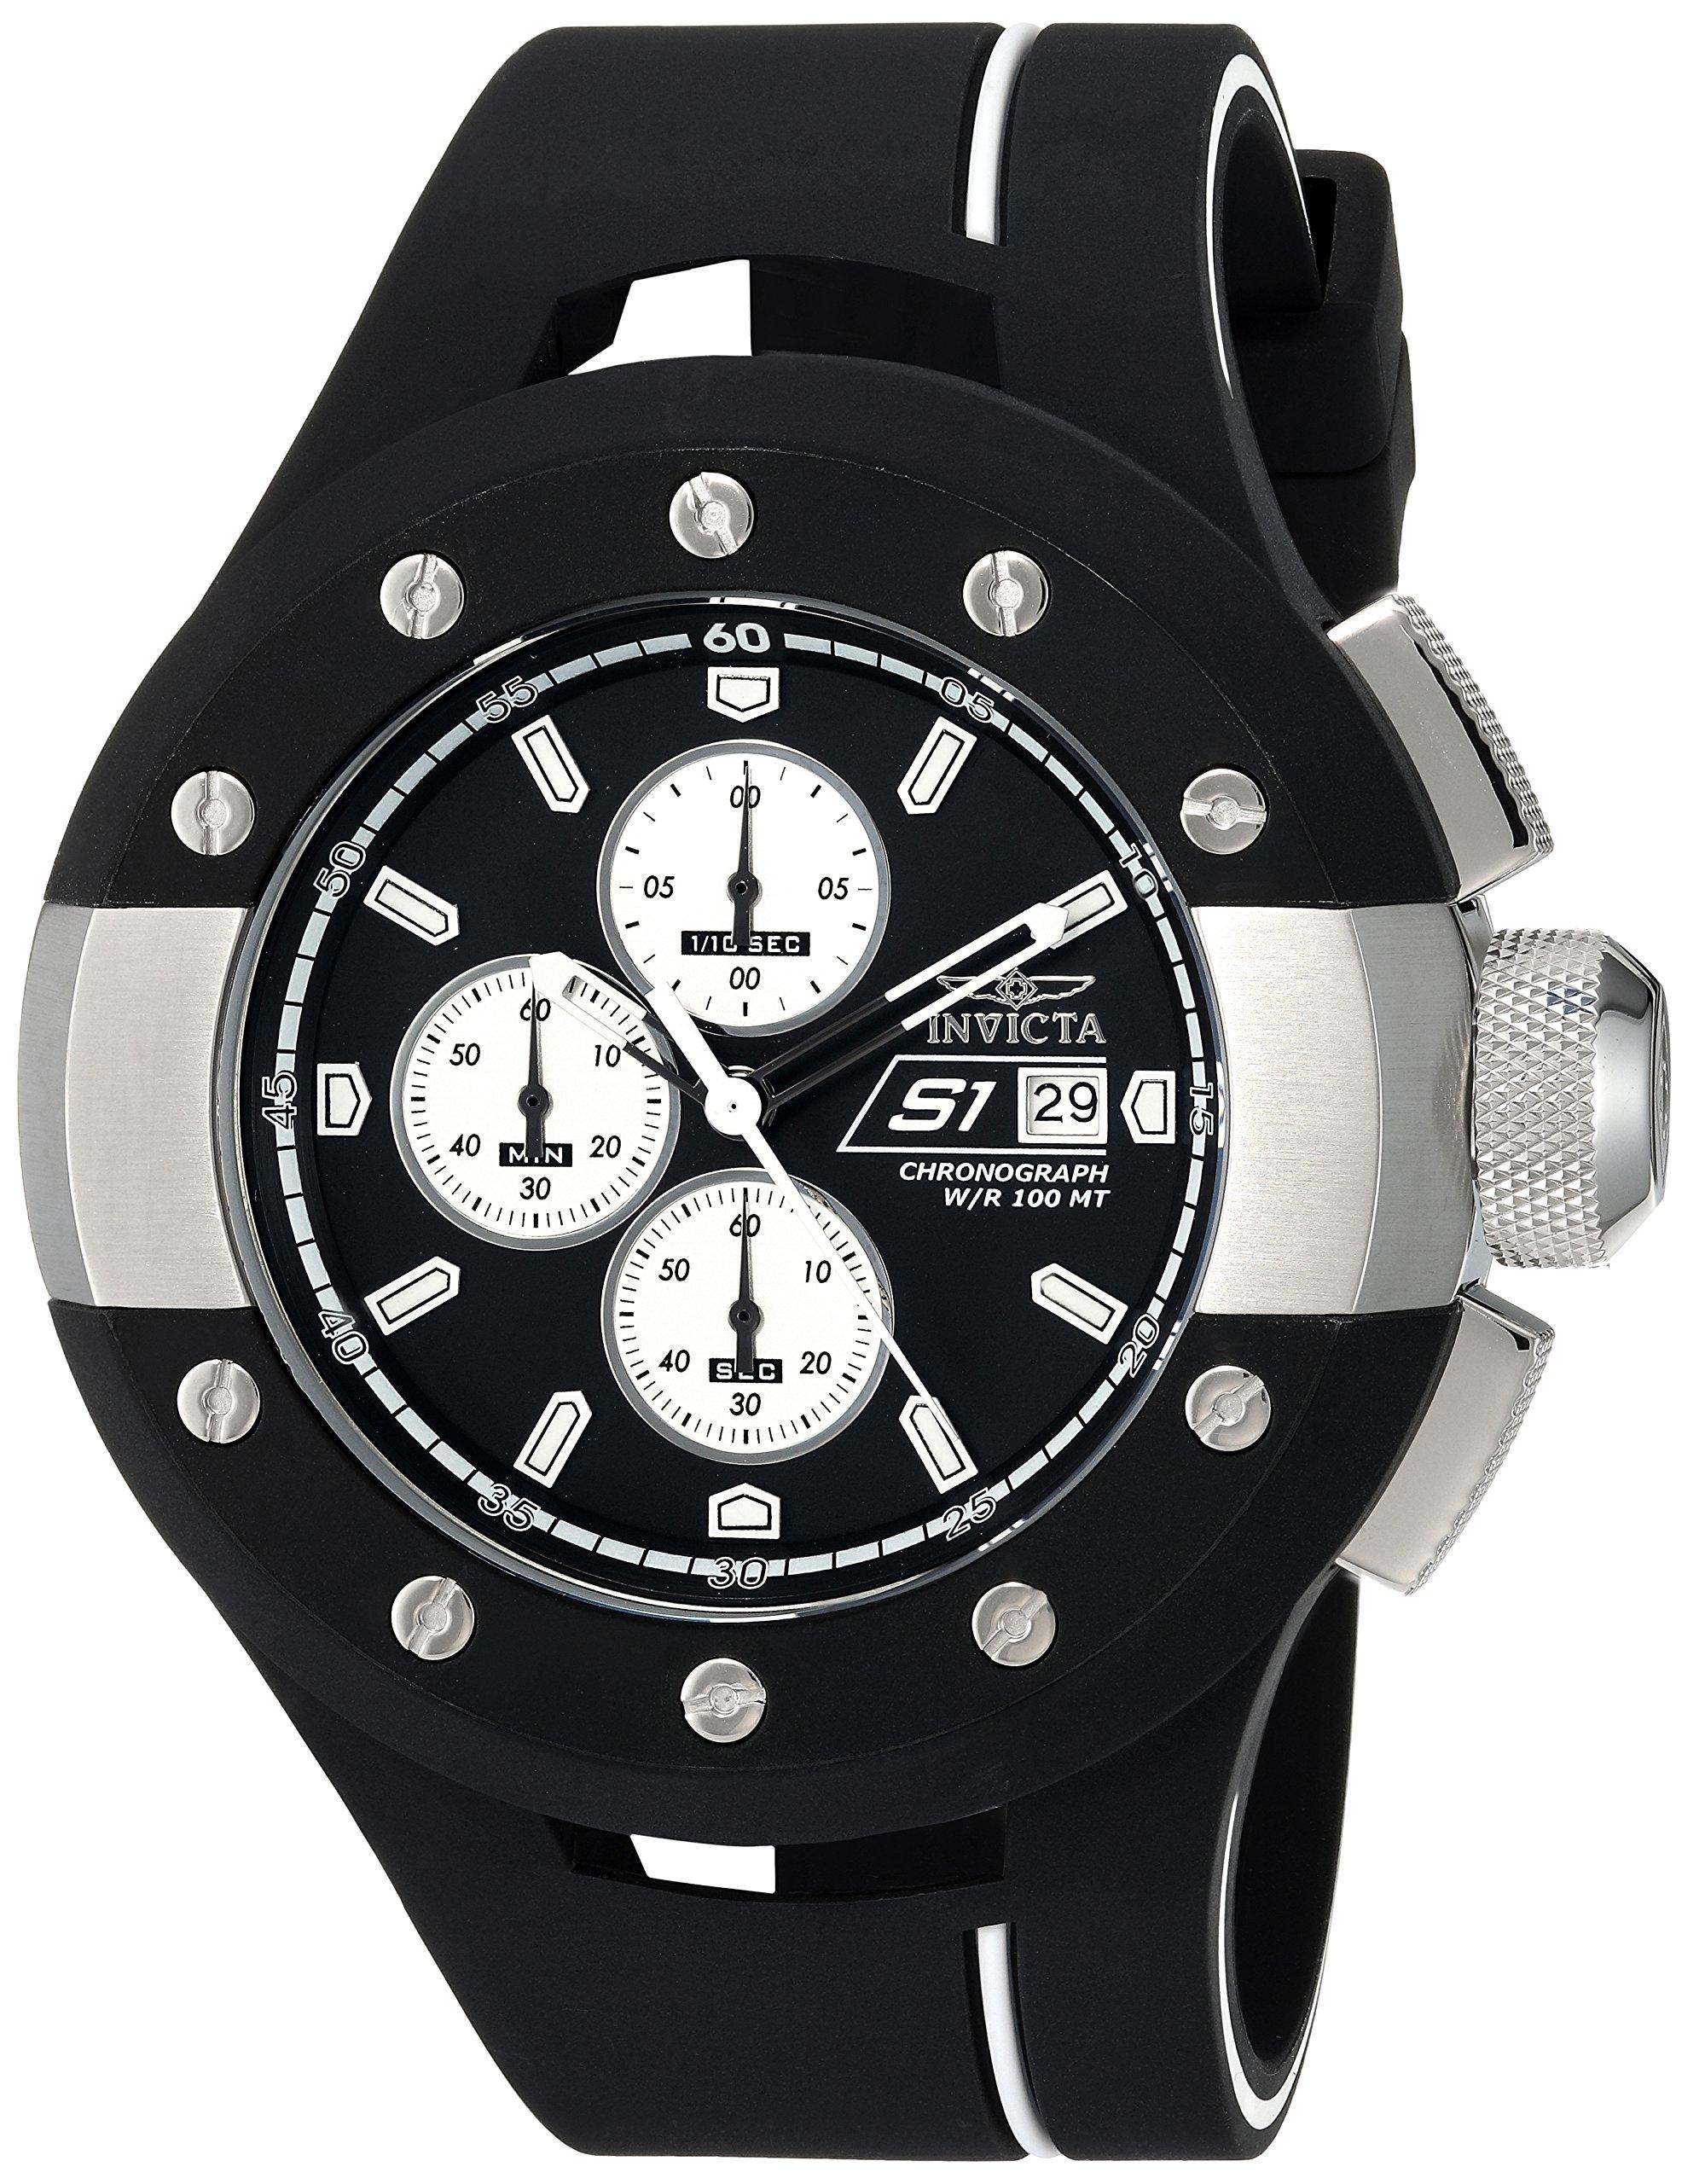 ویکالا · خرید  اصل اورجینال · خرید از آمازون · Invicta Men's S1 Rally Stainless Steel Quartz Watch with Silicone Strap, Black, 31 (Model: 22436) wekala · ویکالا